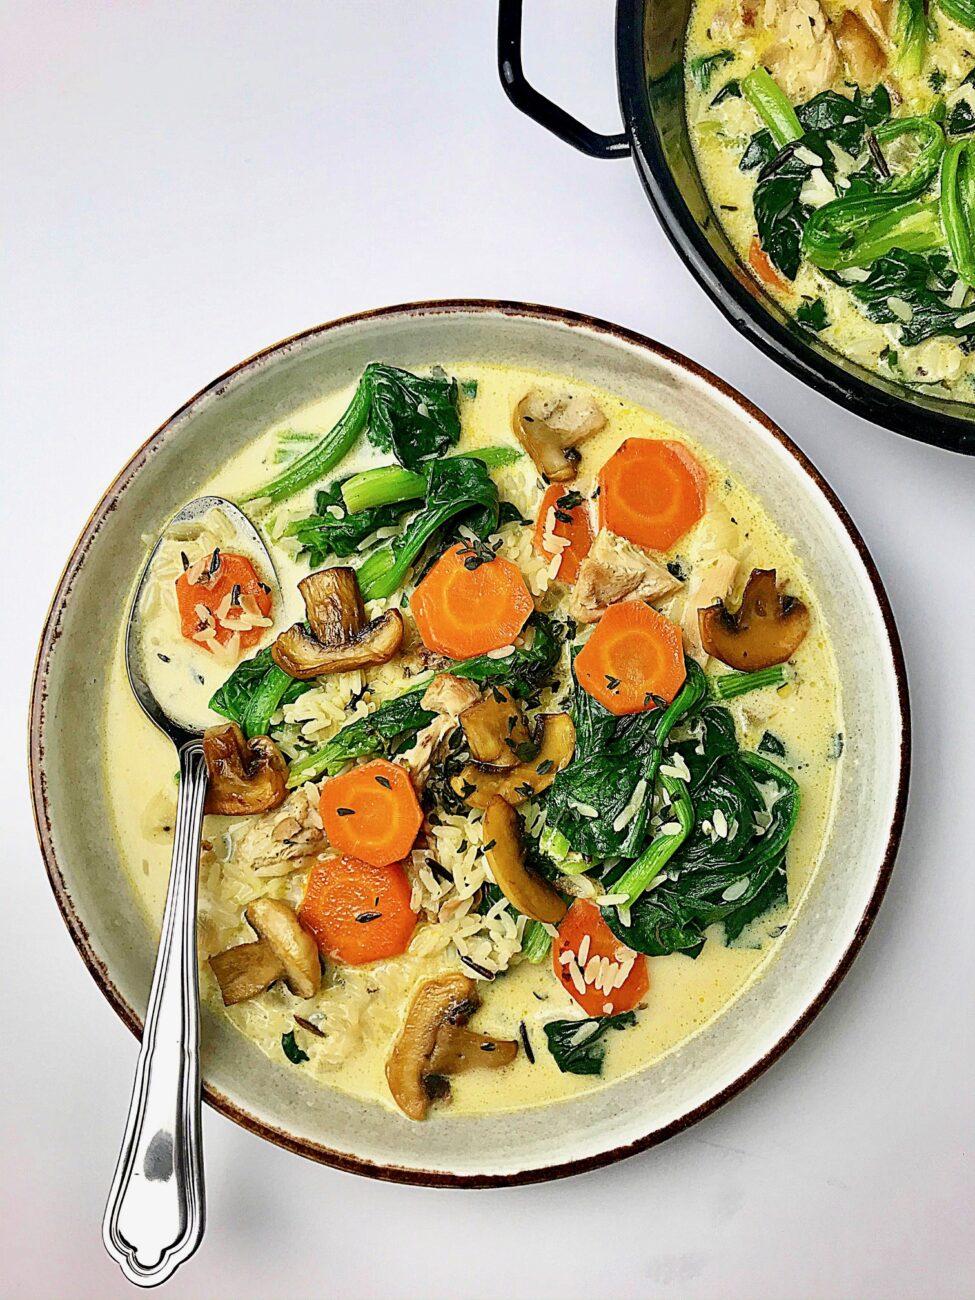 Σούπα με κοτόπουλο άγριο ρύζι και σπανάκι